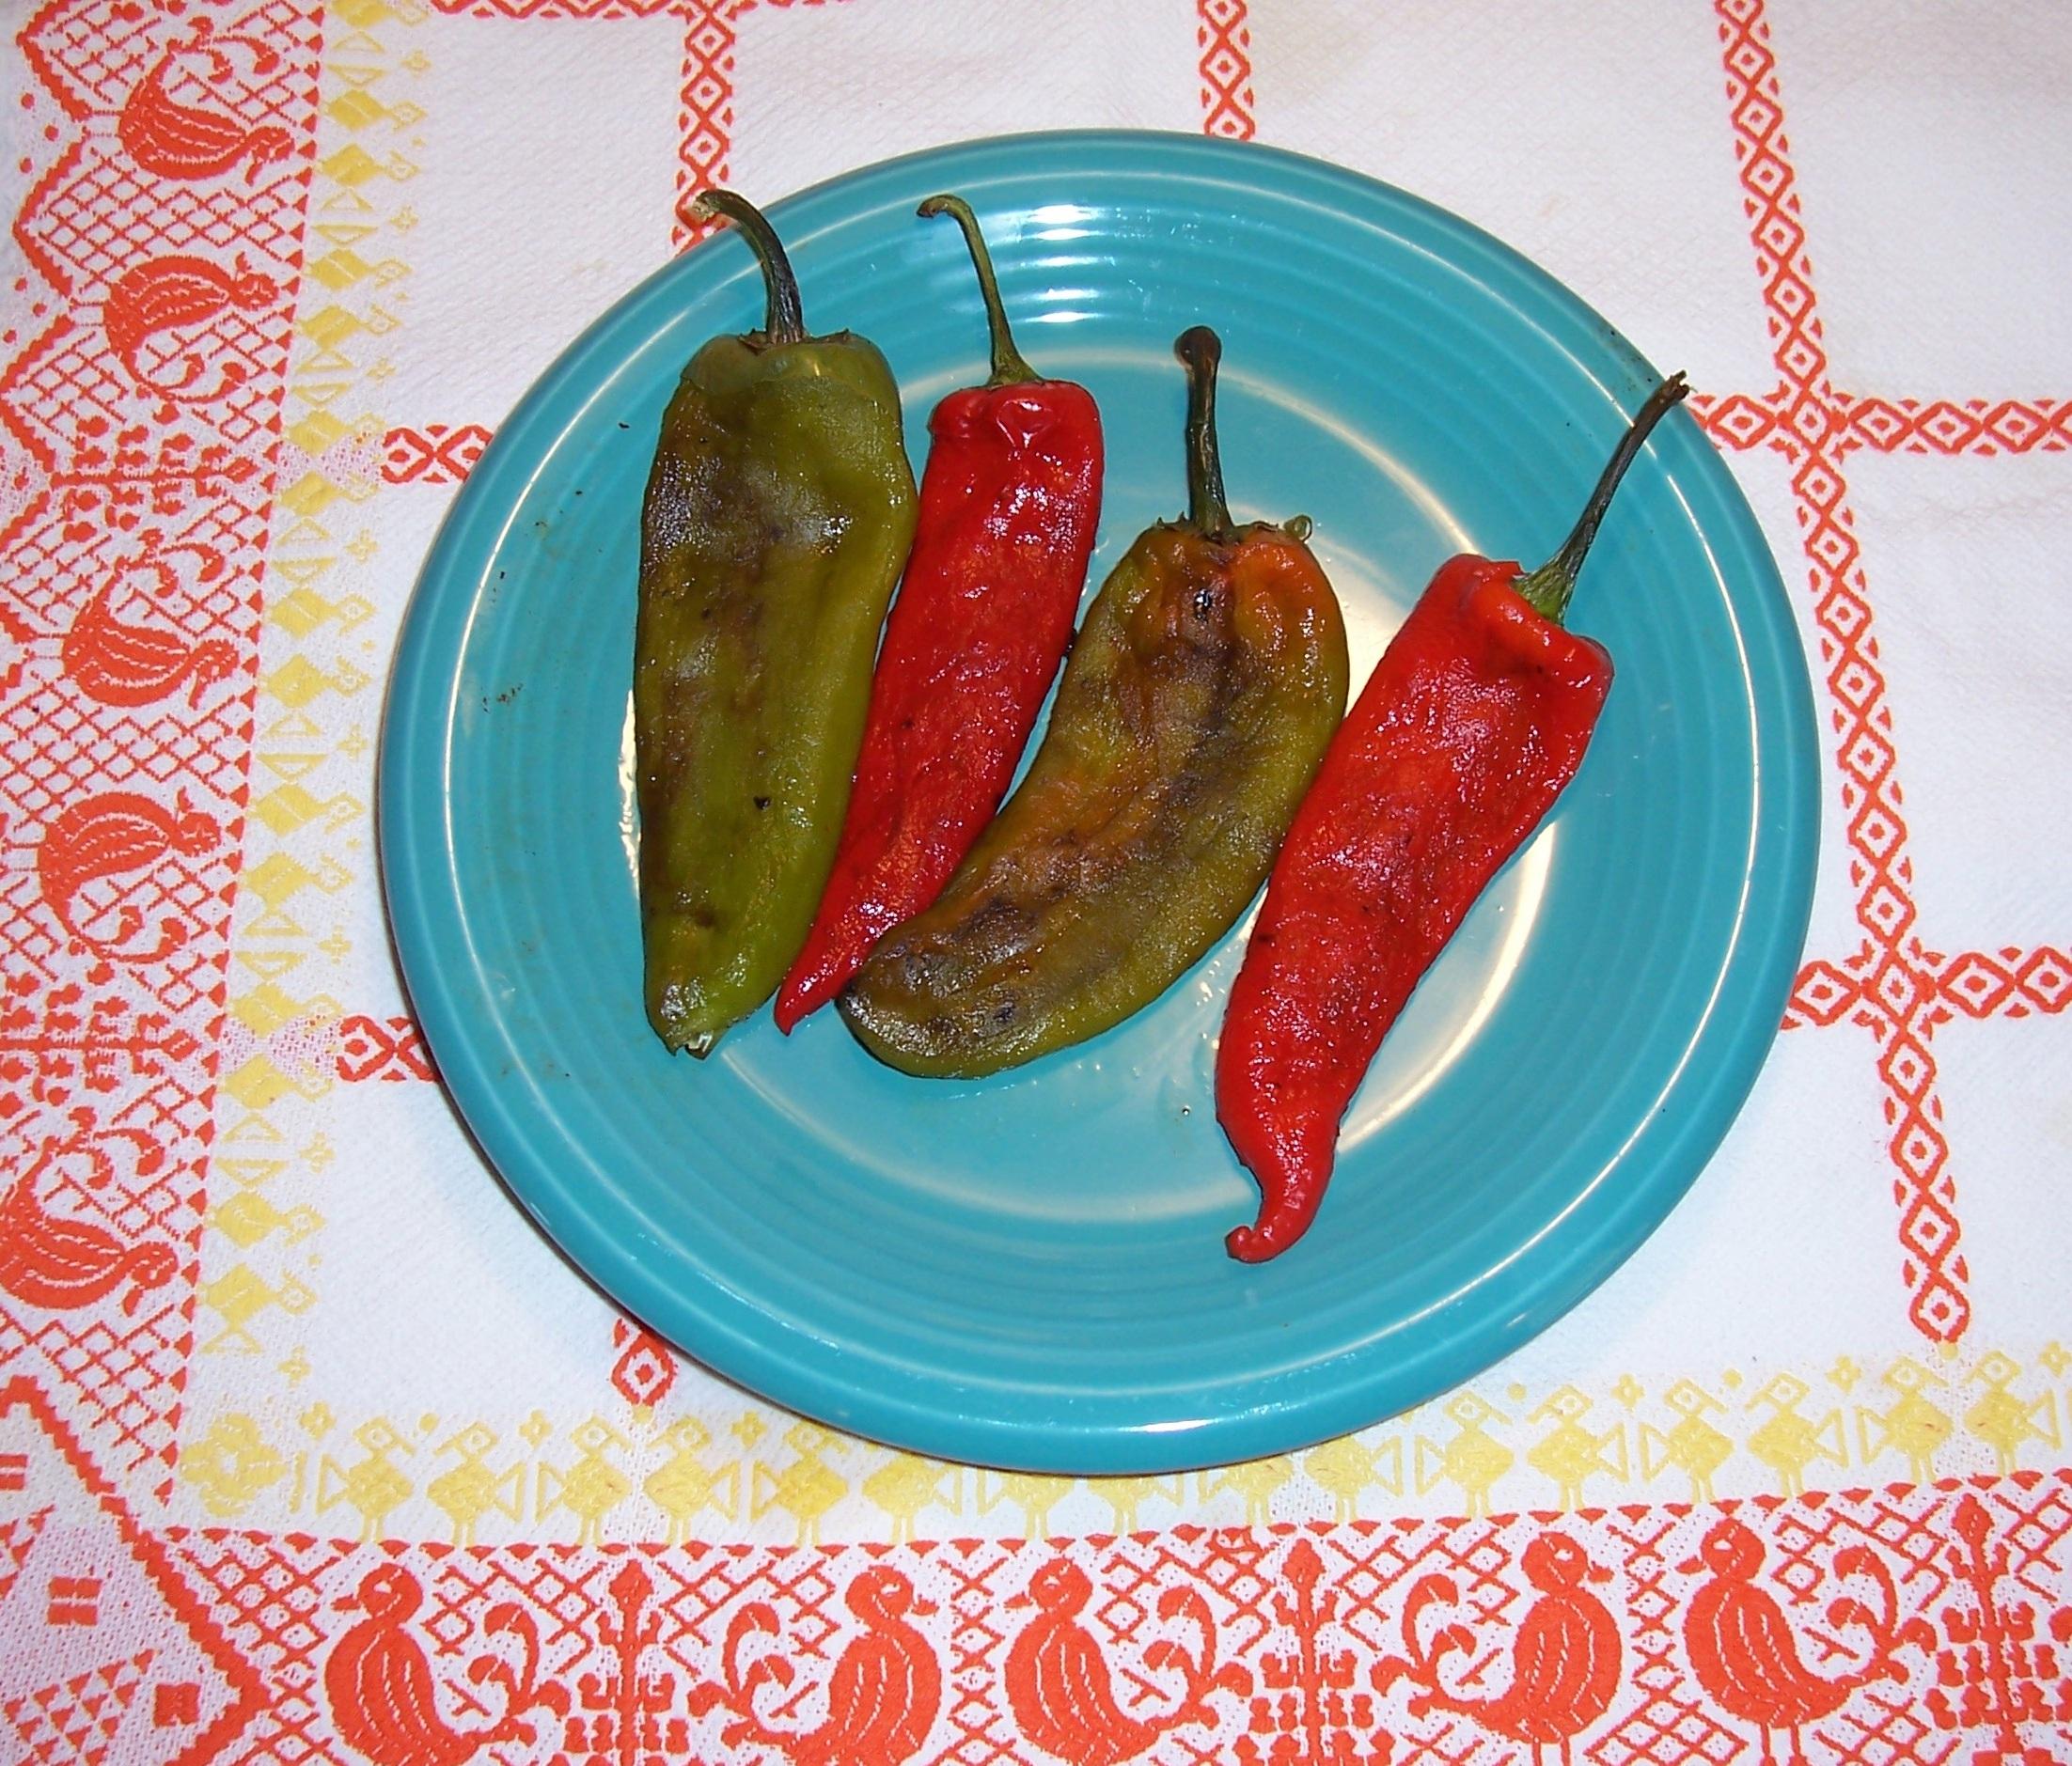 Fotos gratis : plato, comida, verde, chile, rojo, cocina, Produce ...